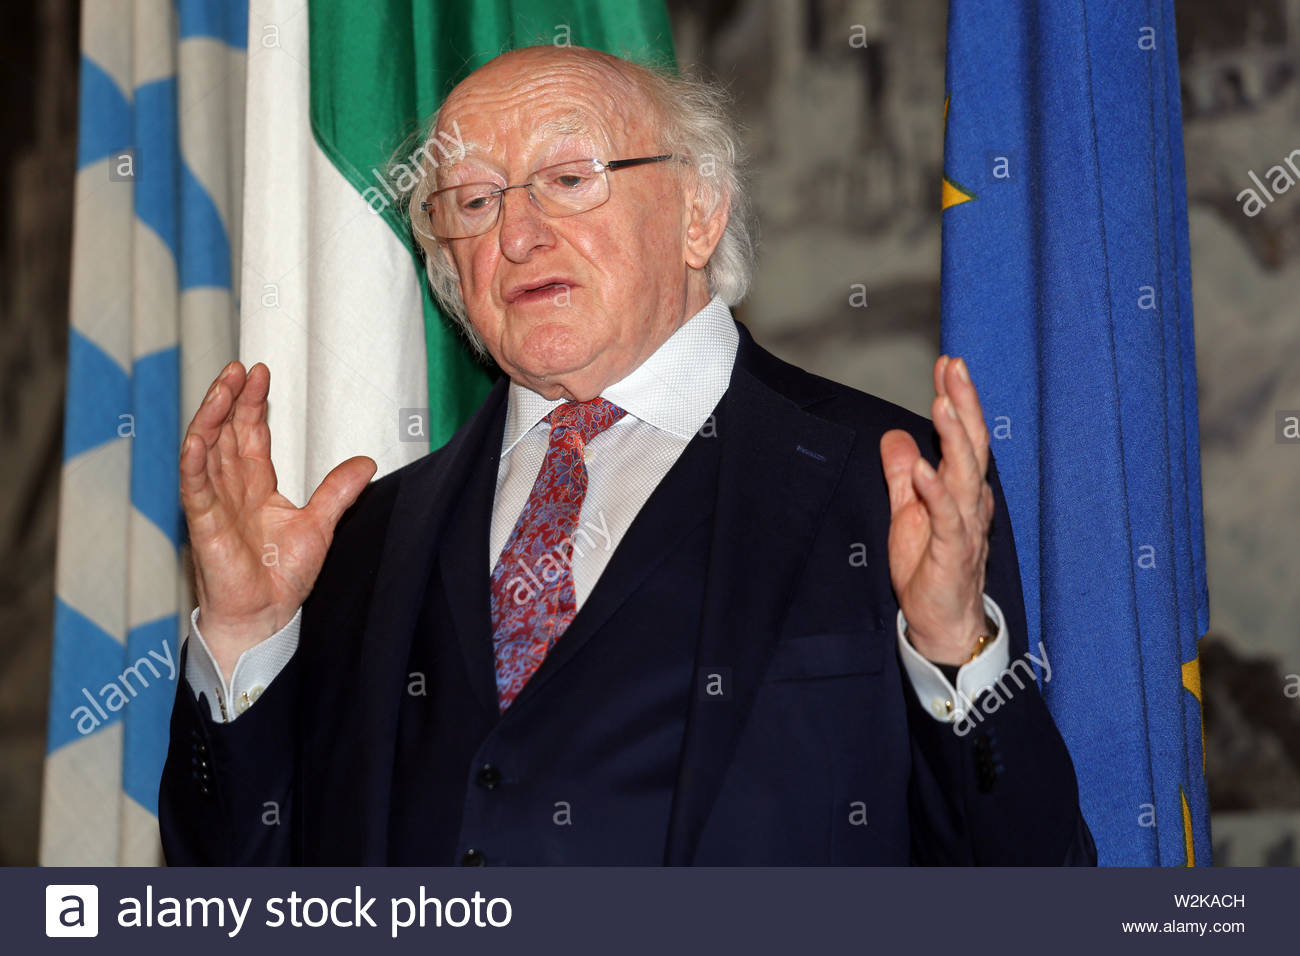 El Presidente de Irlanda, Michael D. Higgins, visitas Würzburg como parte de Brexit tácticas para aumentar la cercanía alemán irlandés. Imagen De Stock